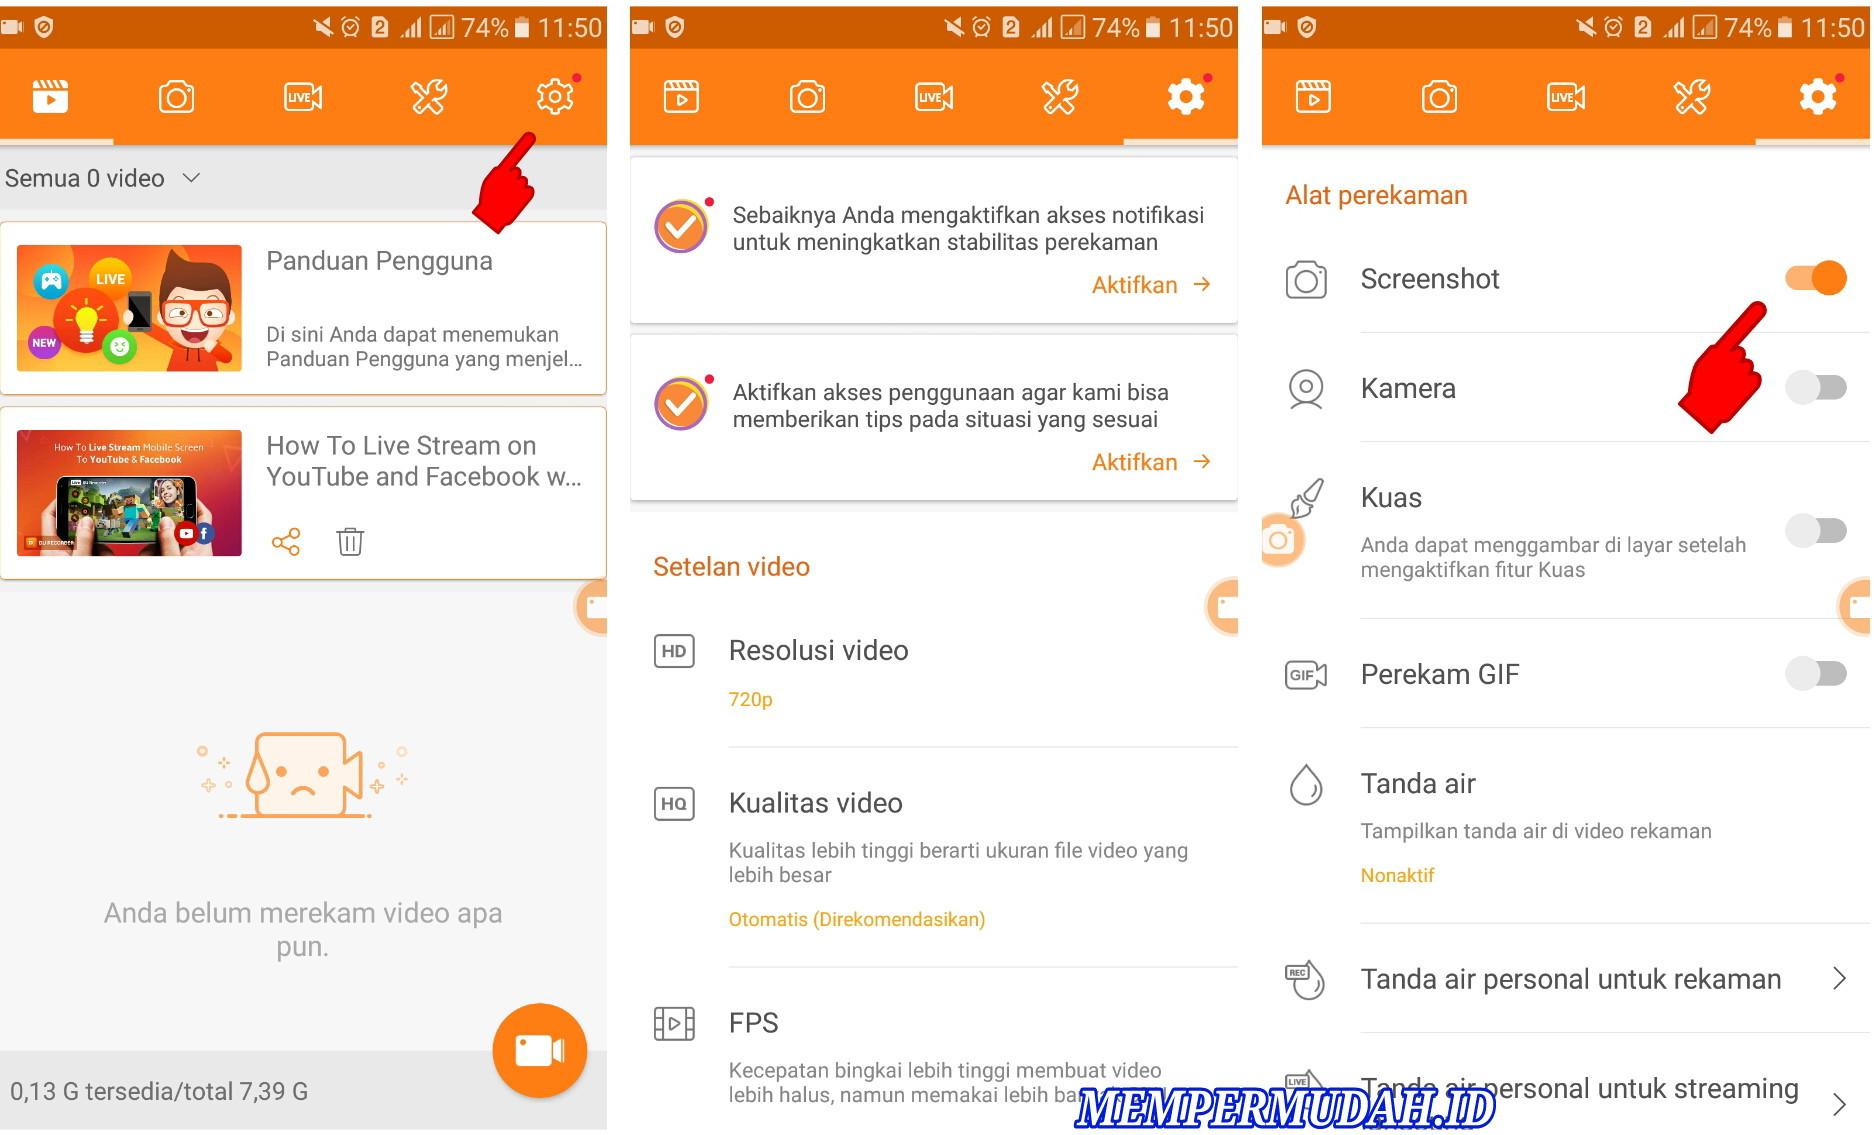 Trik Mengambil Screenshot Semua Aplikasi di Android